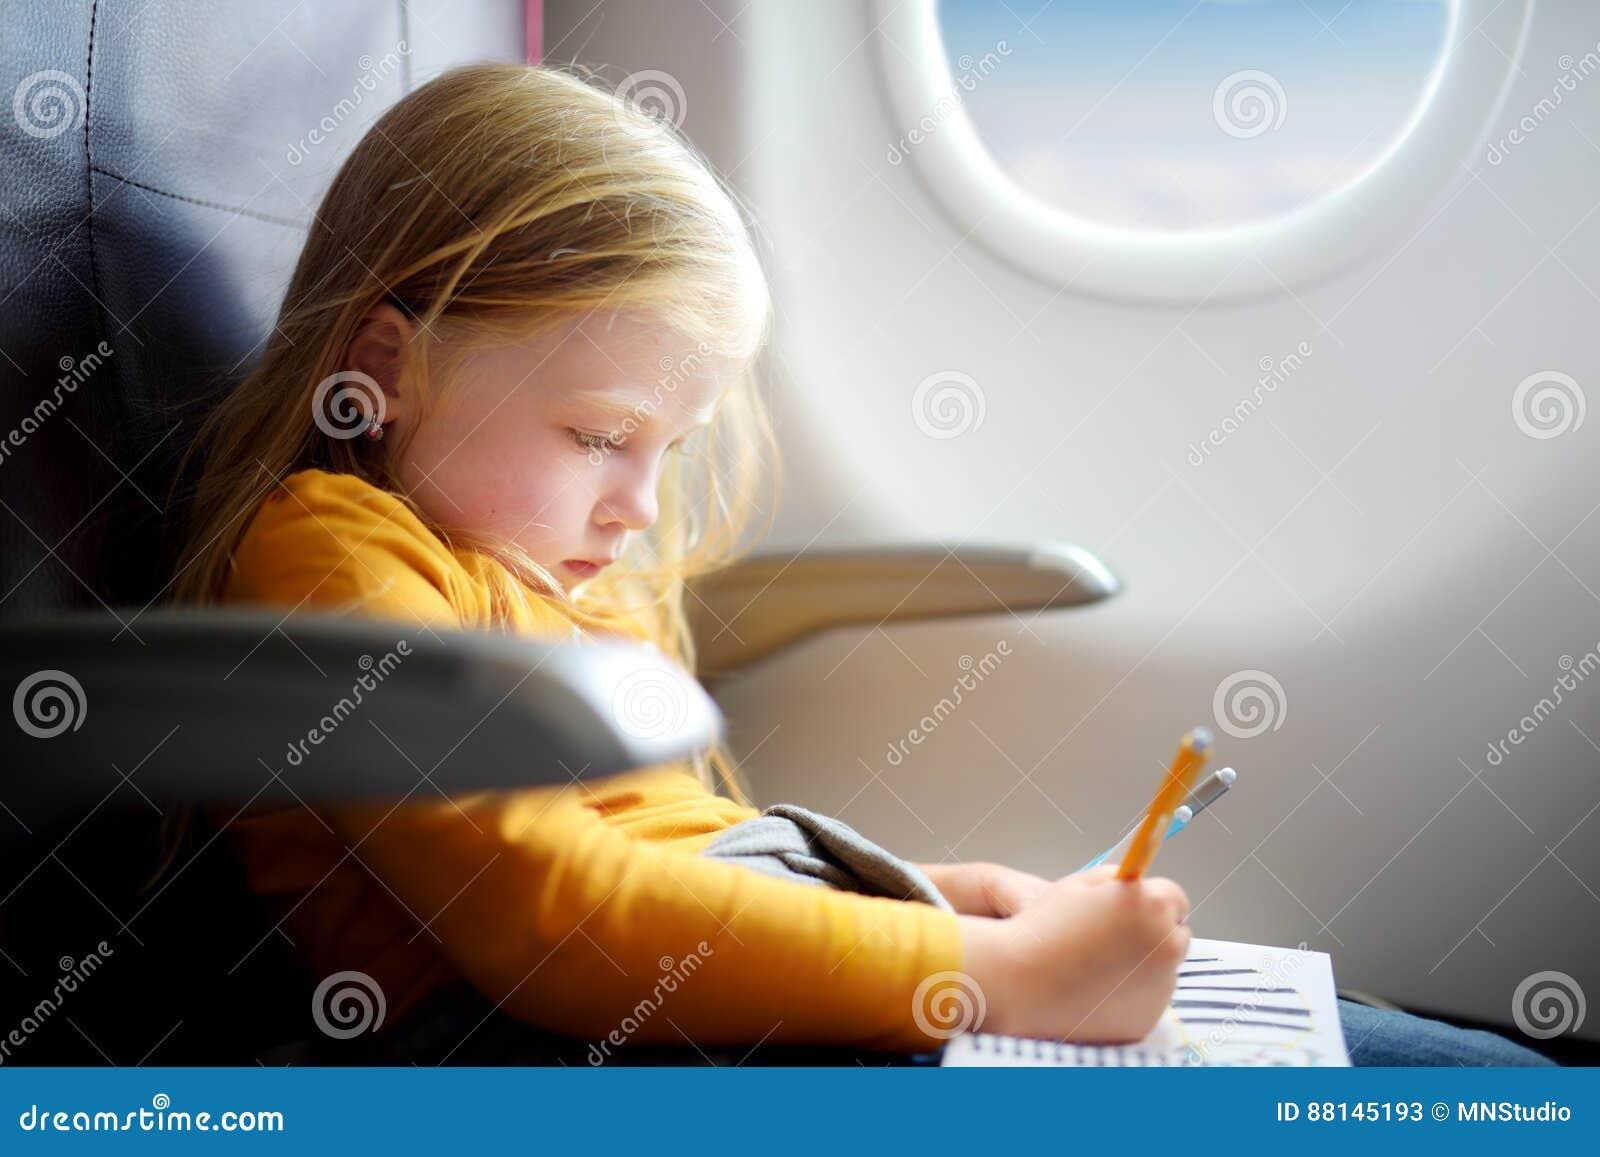 Urocza mała dziewczynka podróżuje samolotem Dziecka obsiadanie samolotu rysunkiem i okno obrazek z poradą pisze